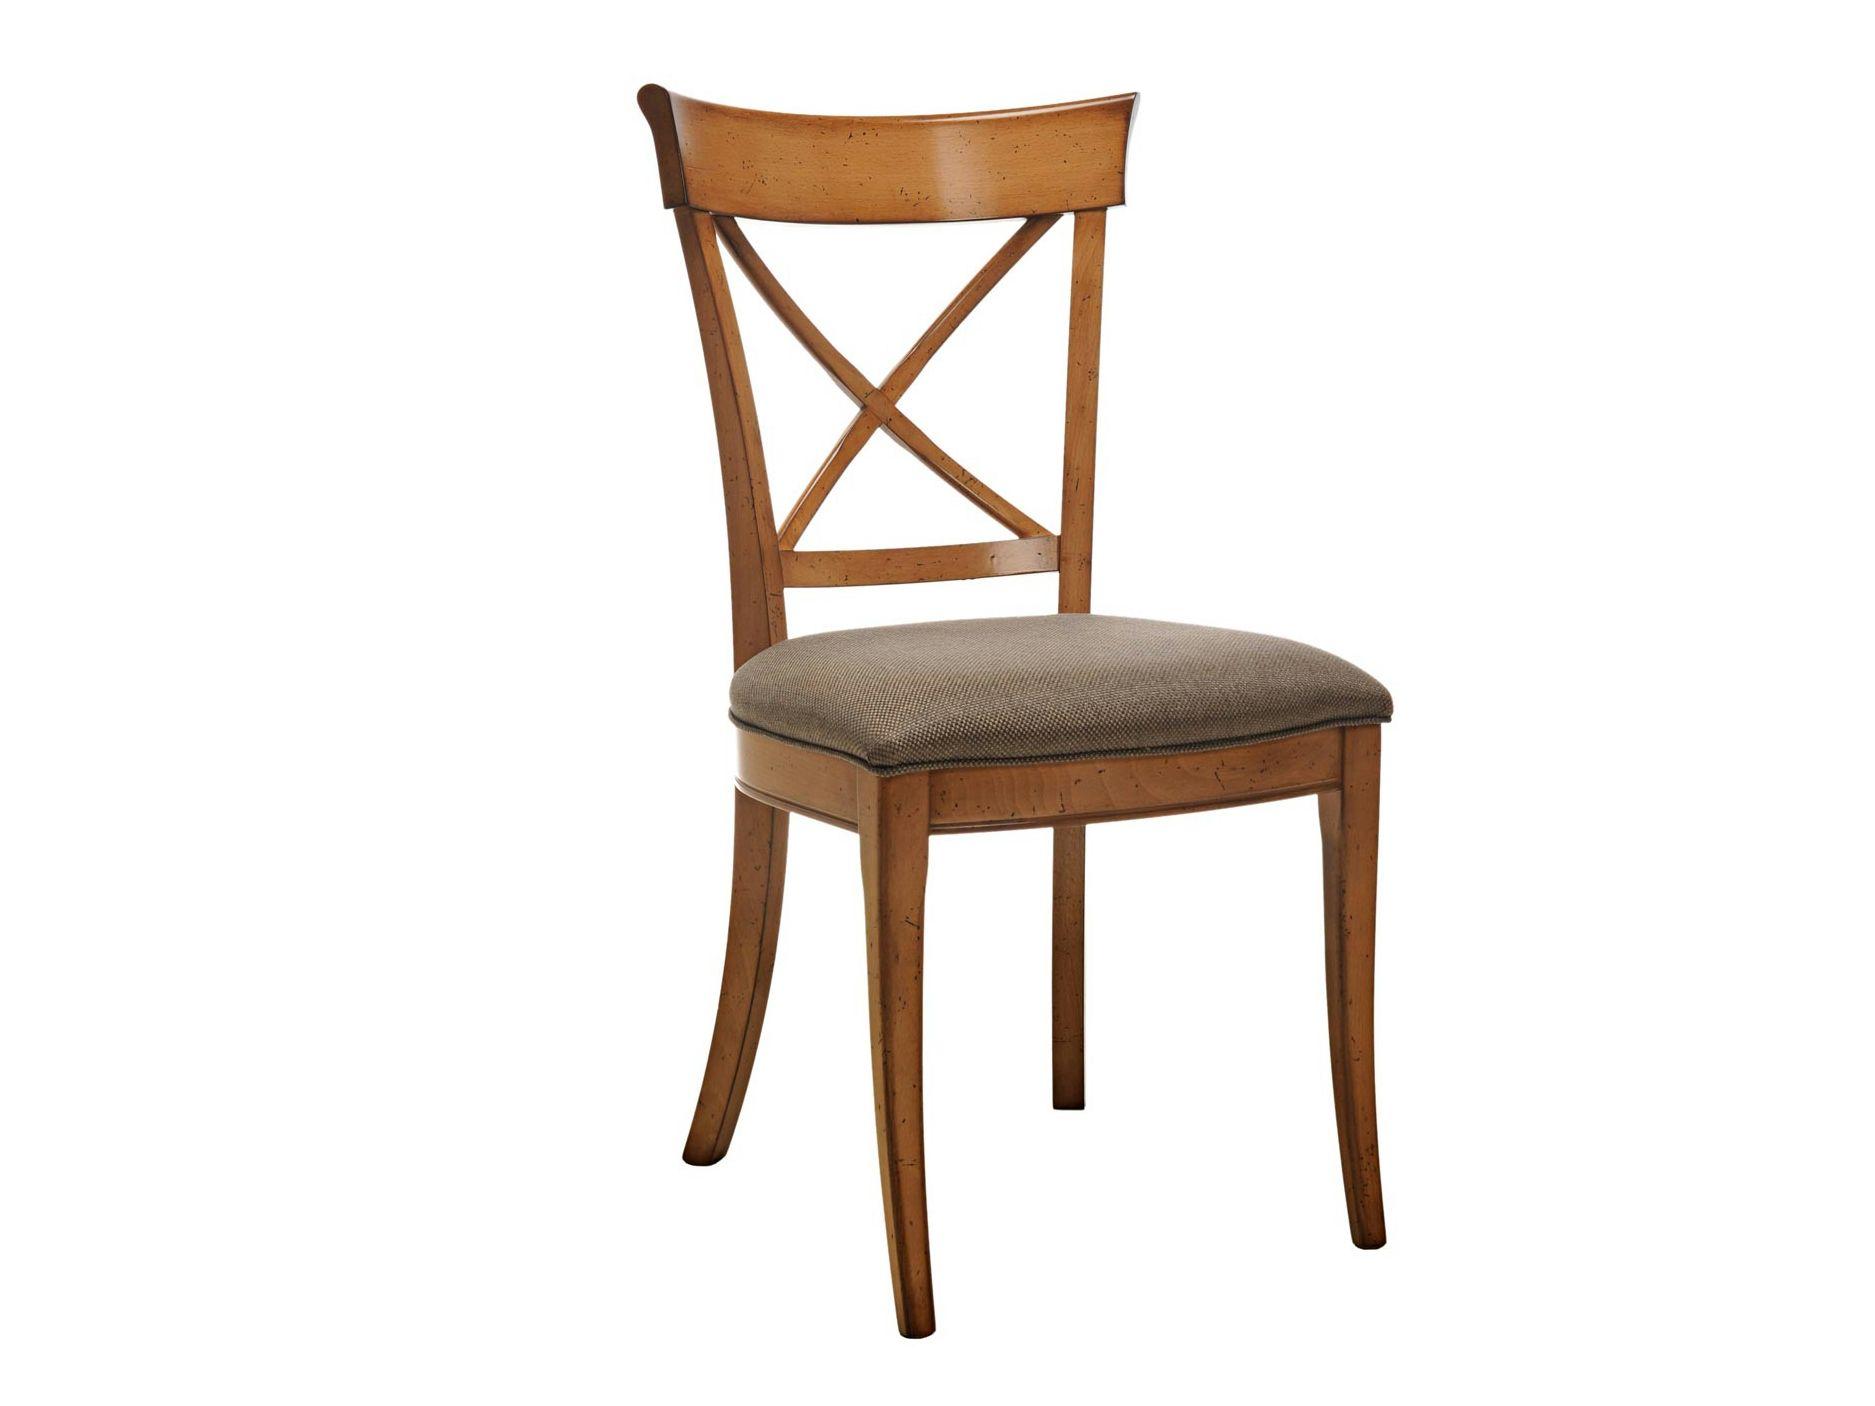 Chaise en h tre hauteville collection nouveaux classiques for Chaise en hetre